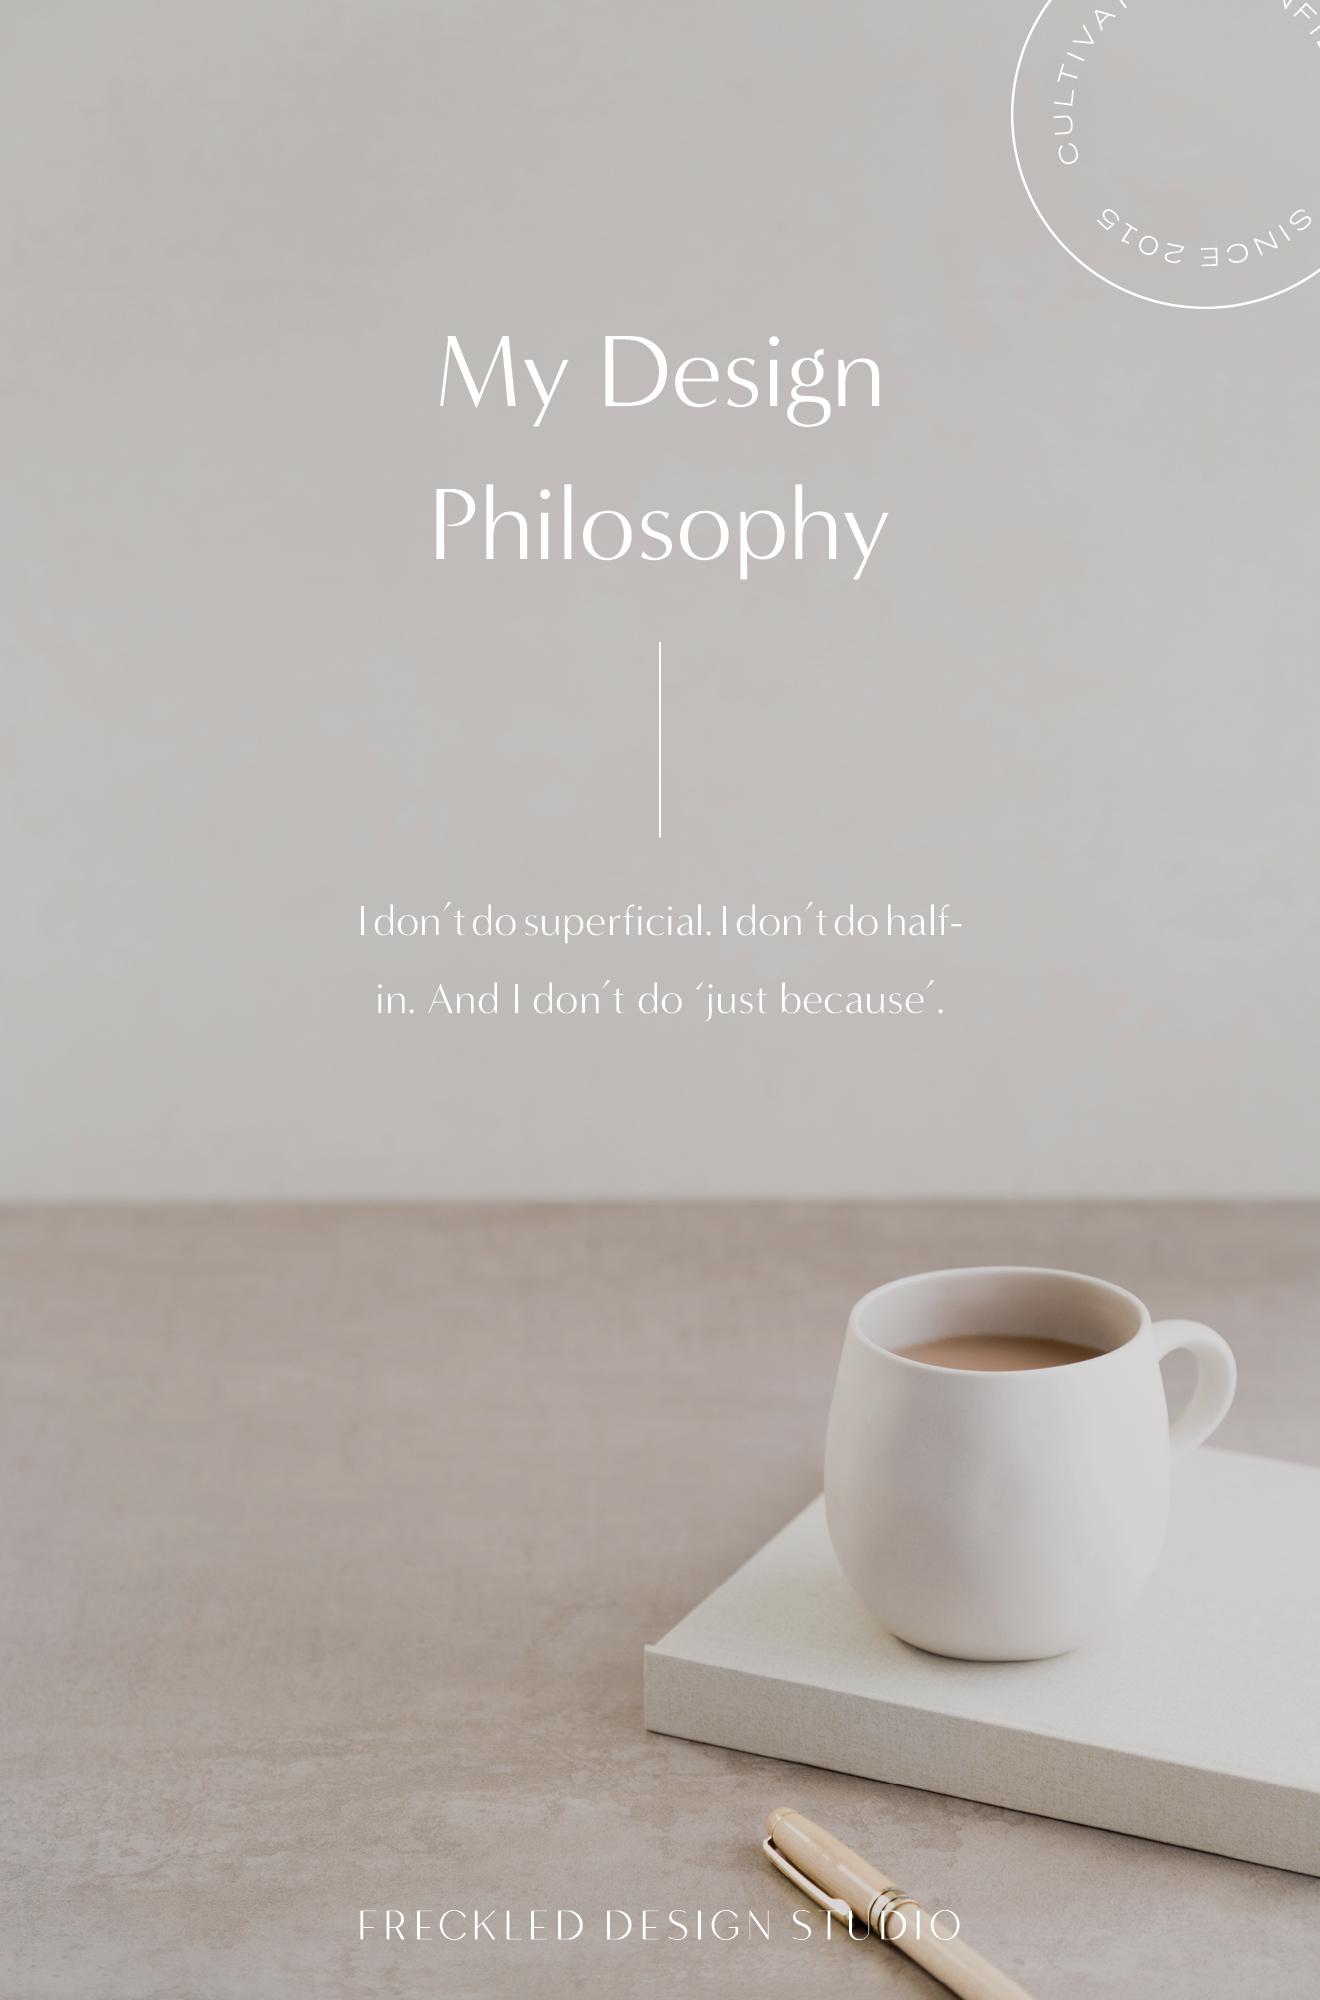 My Design Philosophy.jpg